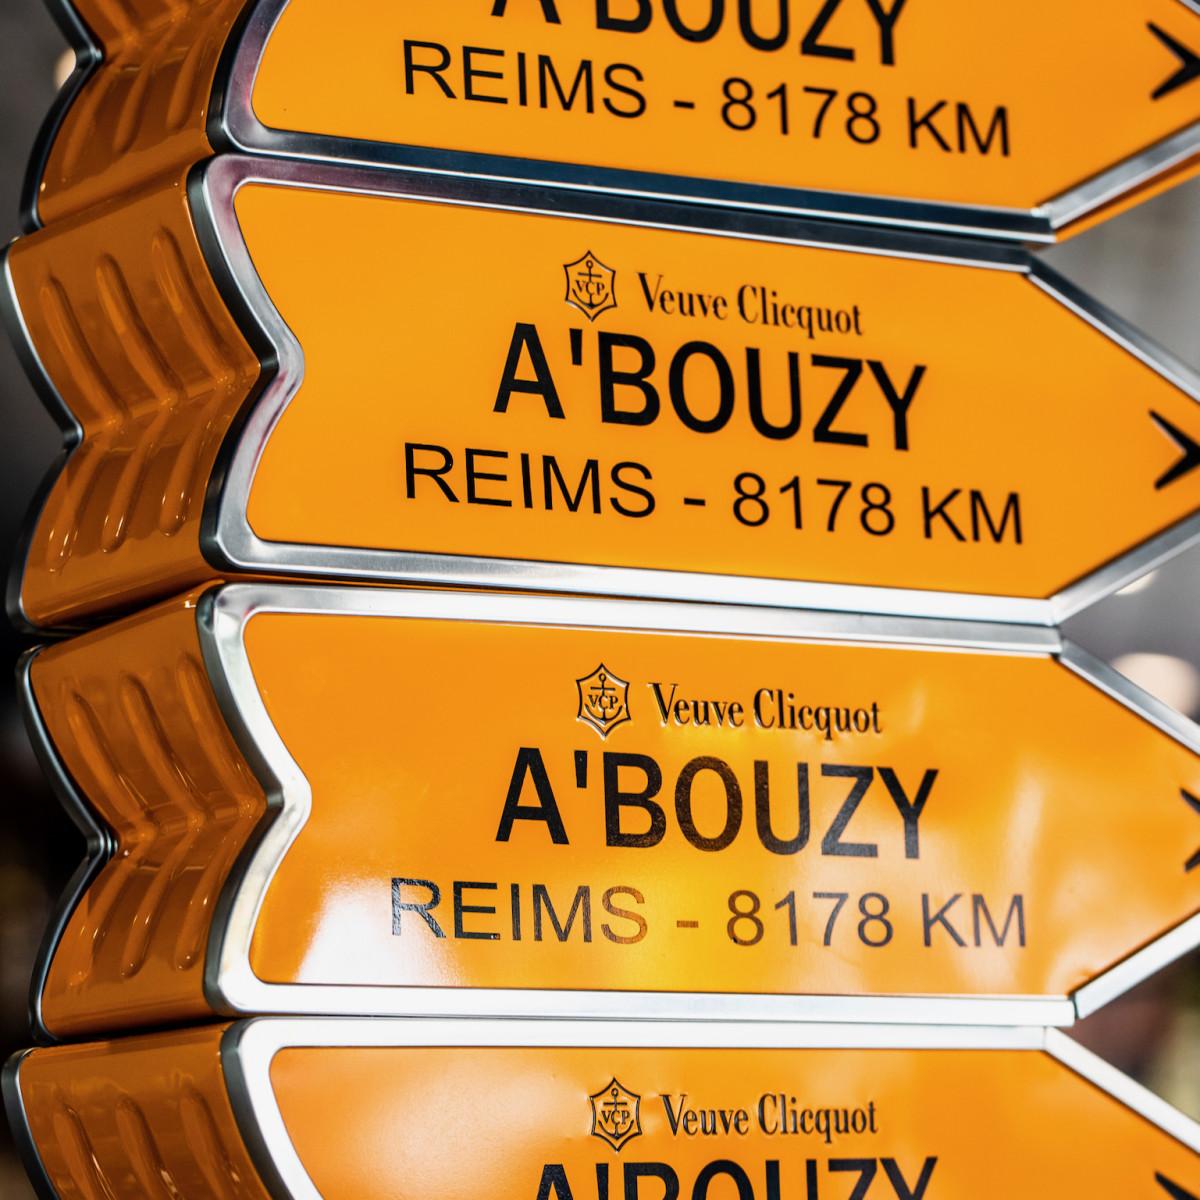 Veuve Clicquot signs